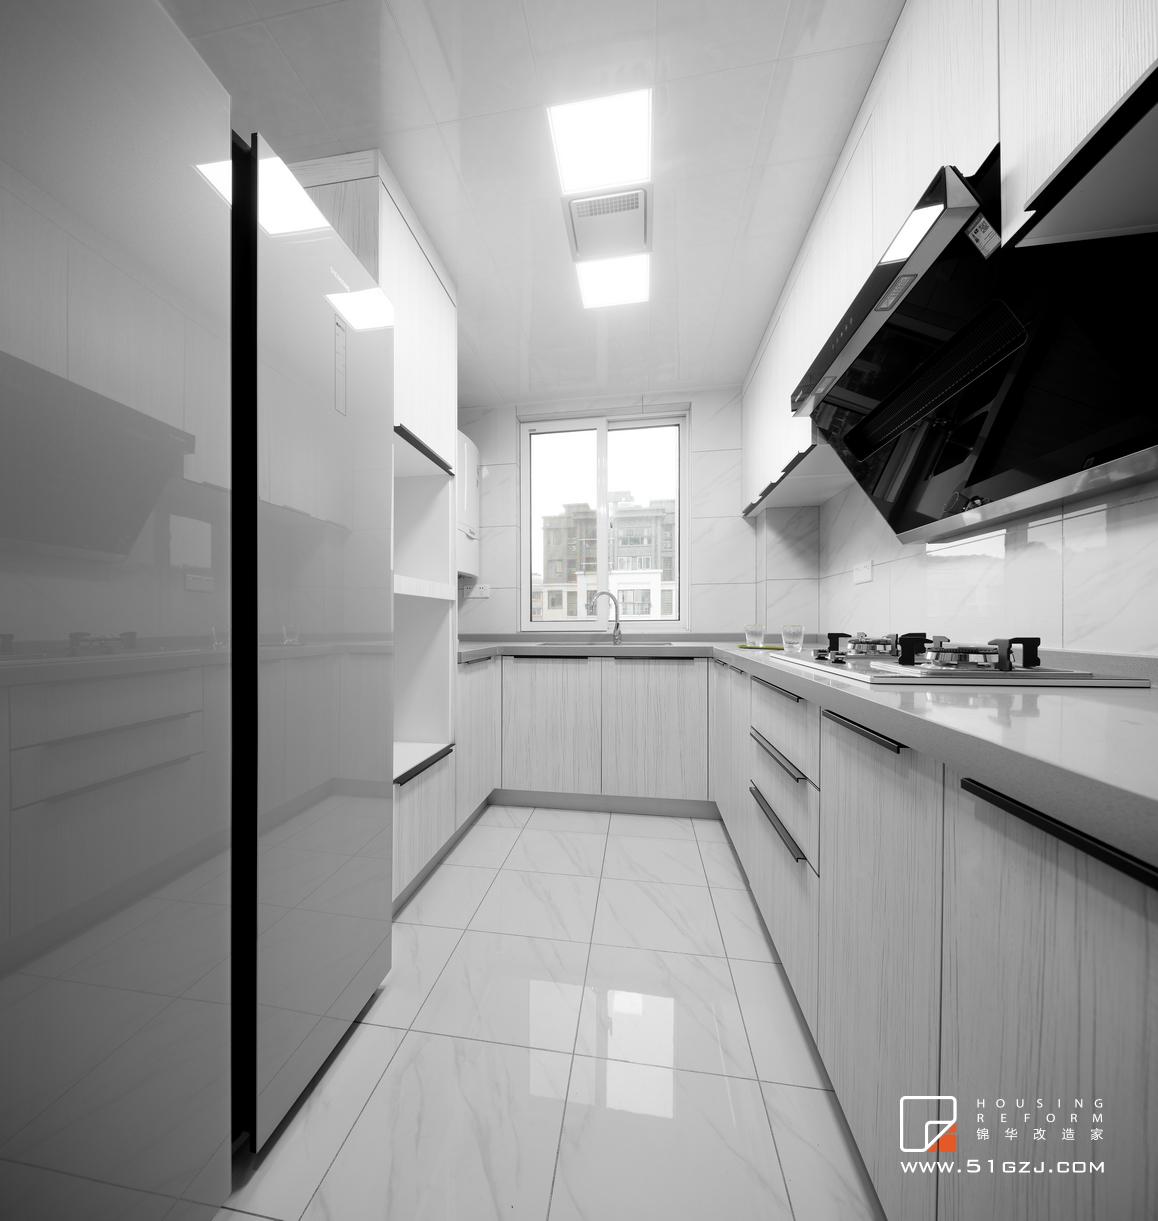 紫金铭苑老房翻新-125平米-现代简约装修-两室两厅-现代简约